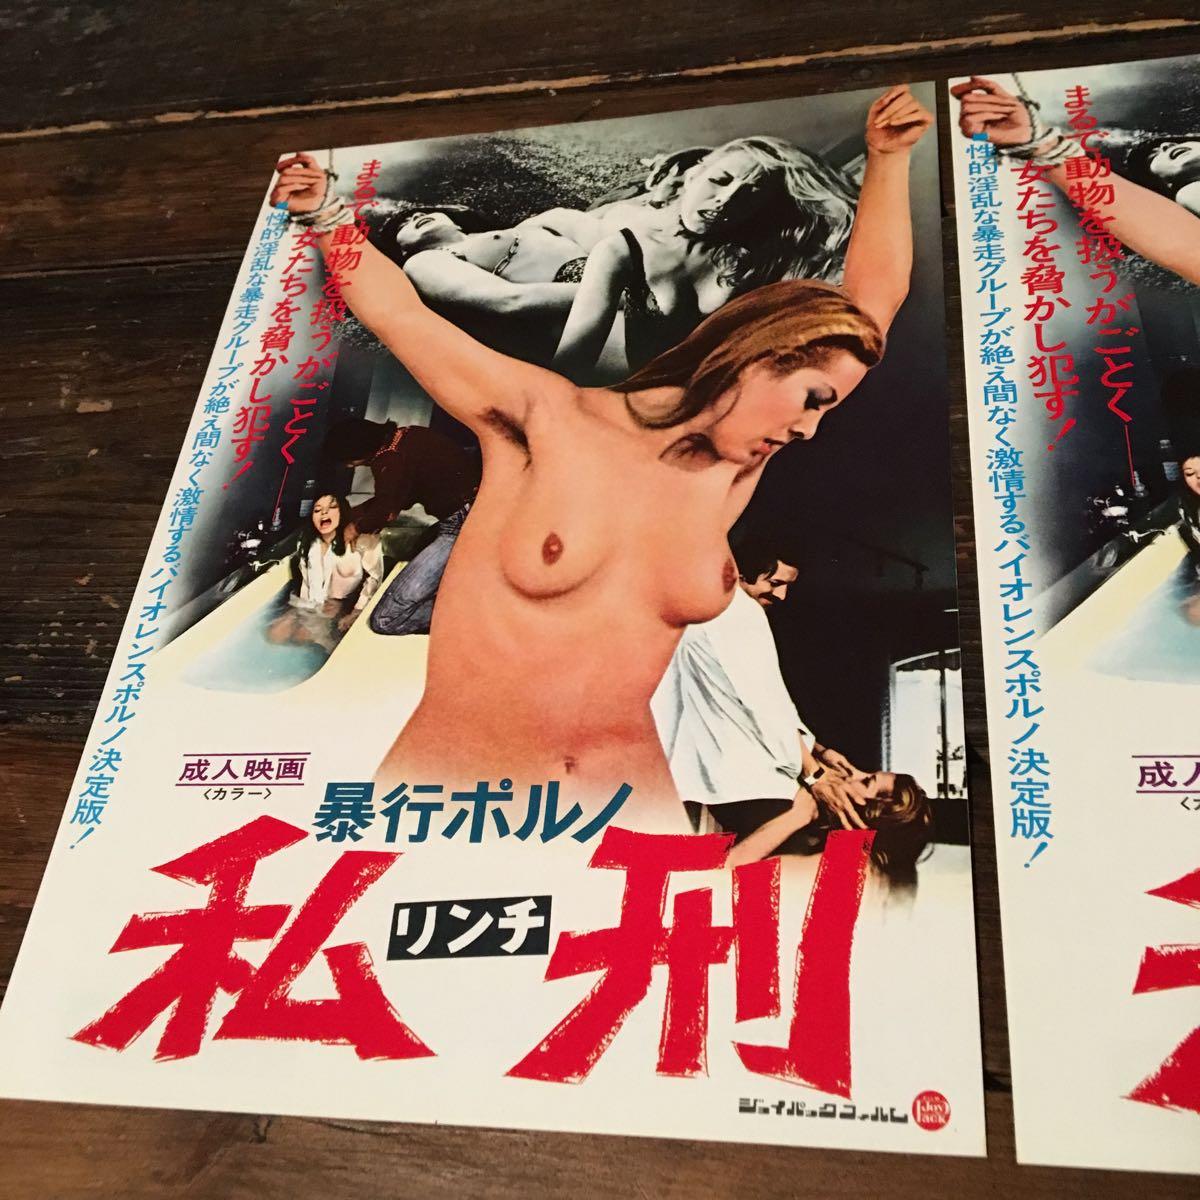 成人映画チラシ 暴行ポルノ 私刑 リンチ 2枚セット 美品_画像3